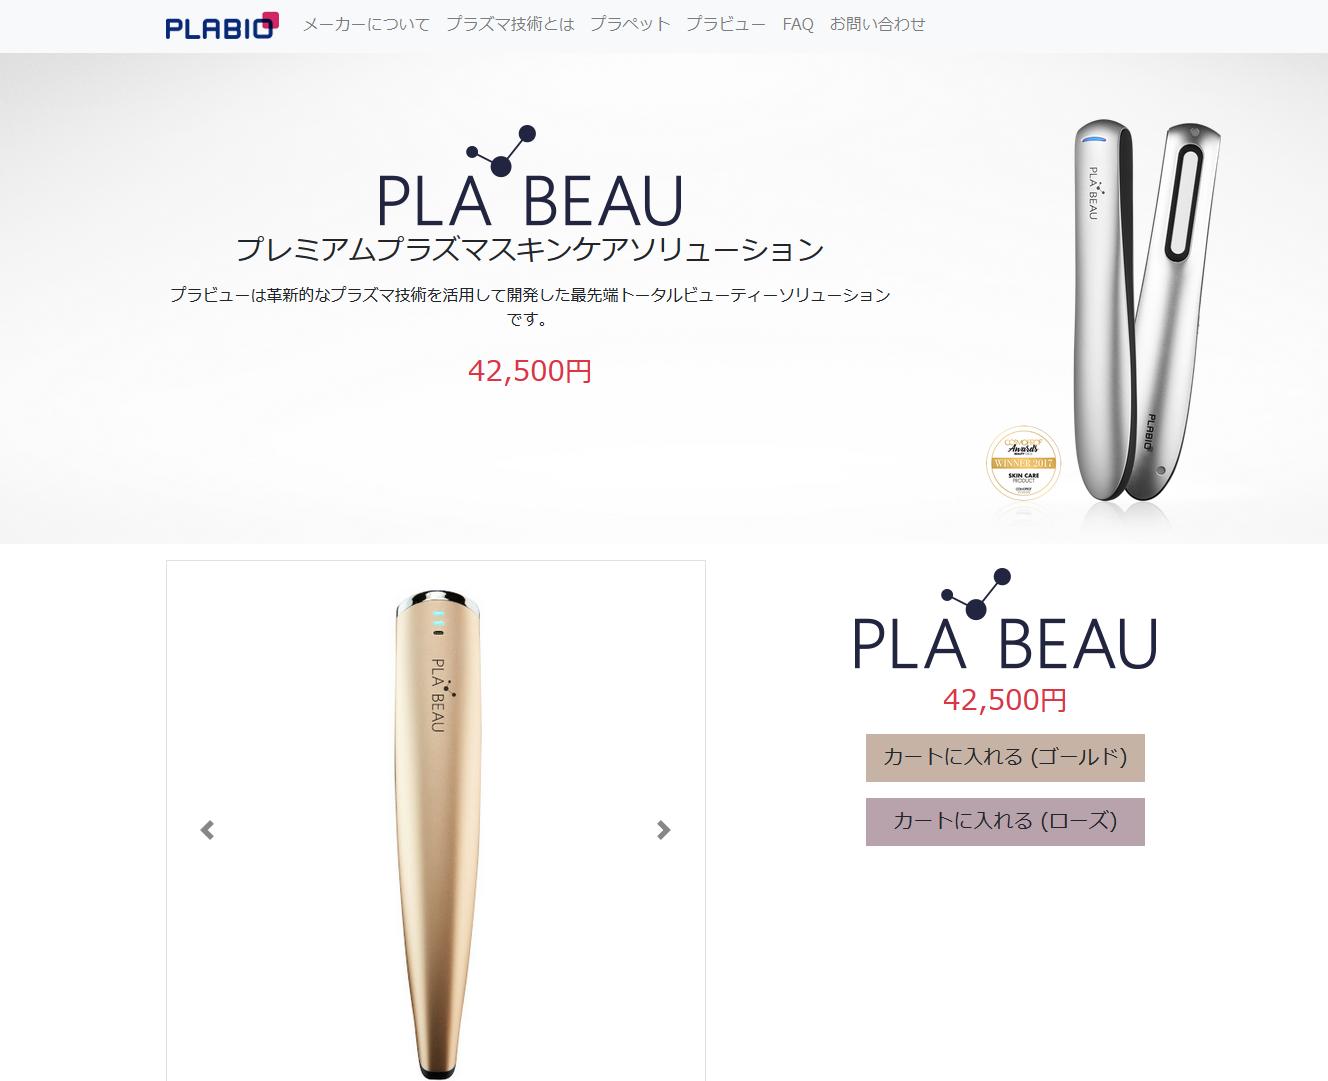 Plabeau by Plabio